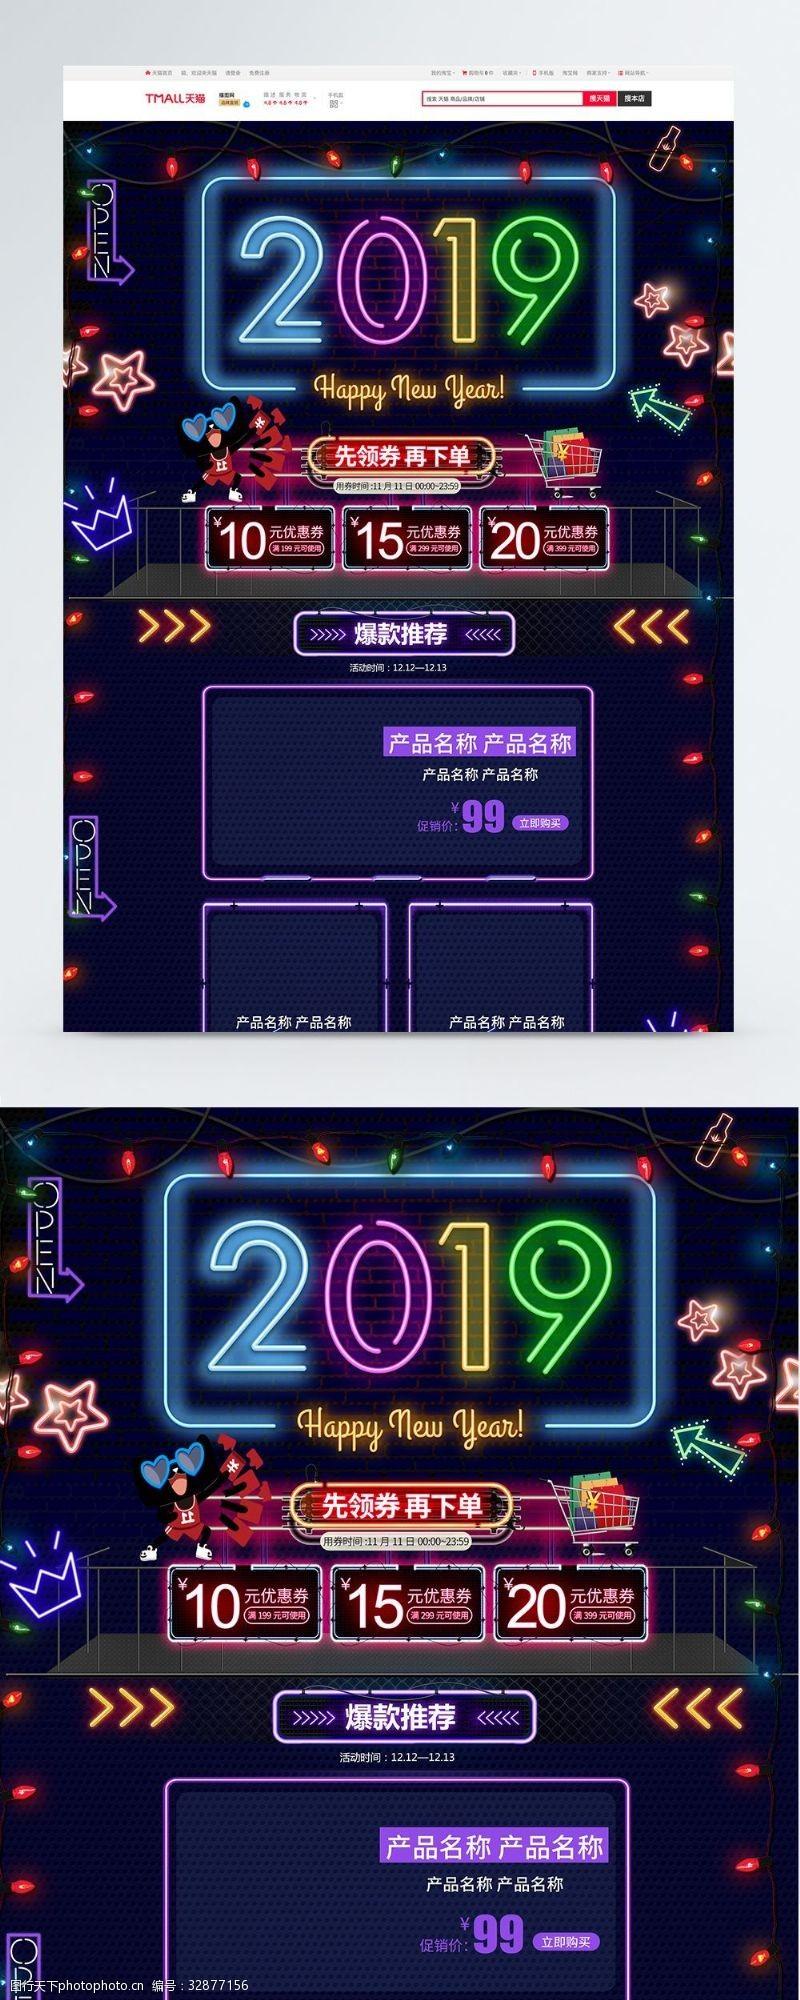 霓虹風2019新年促銷淘寶電商促銷首頁